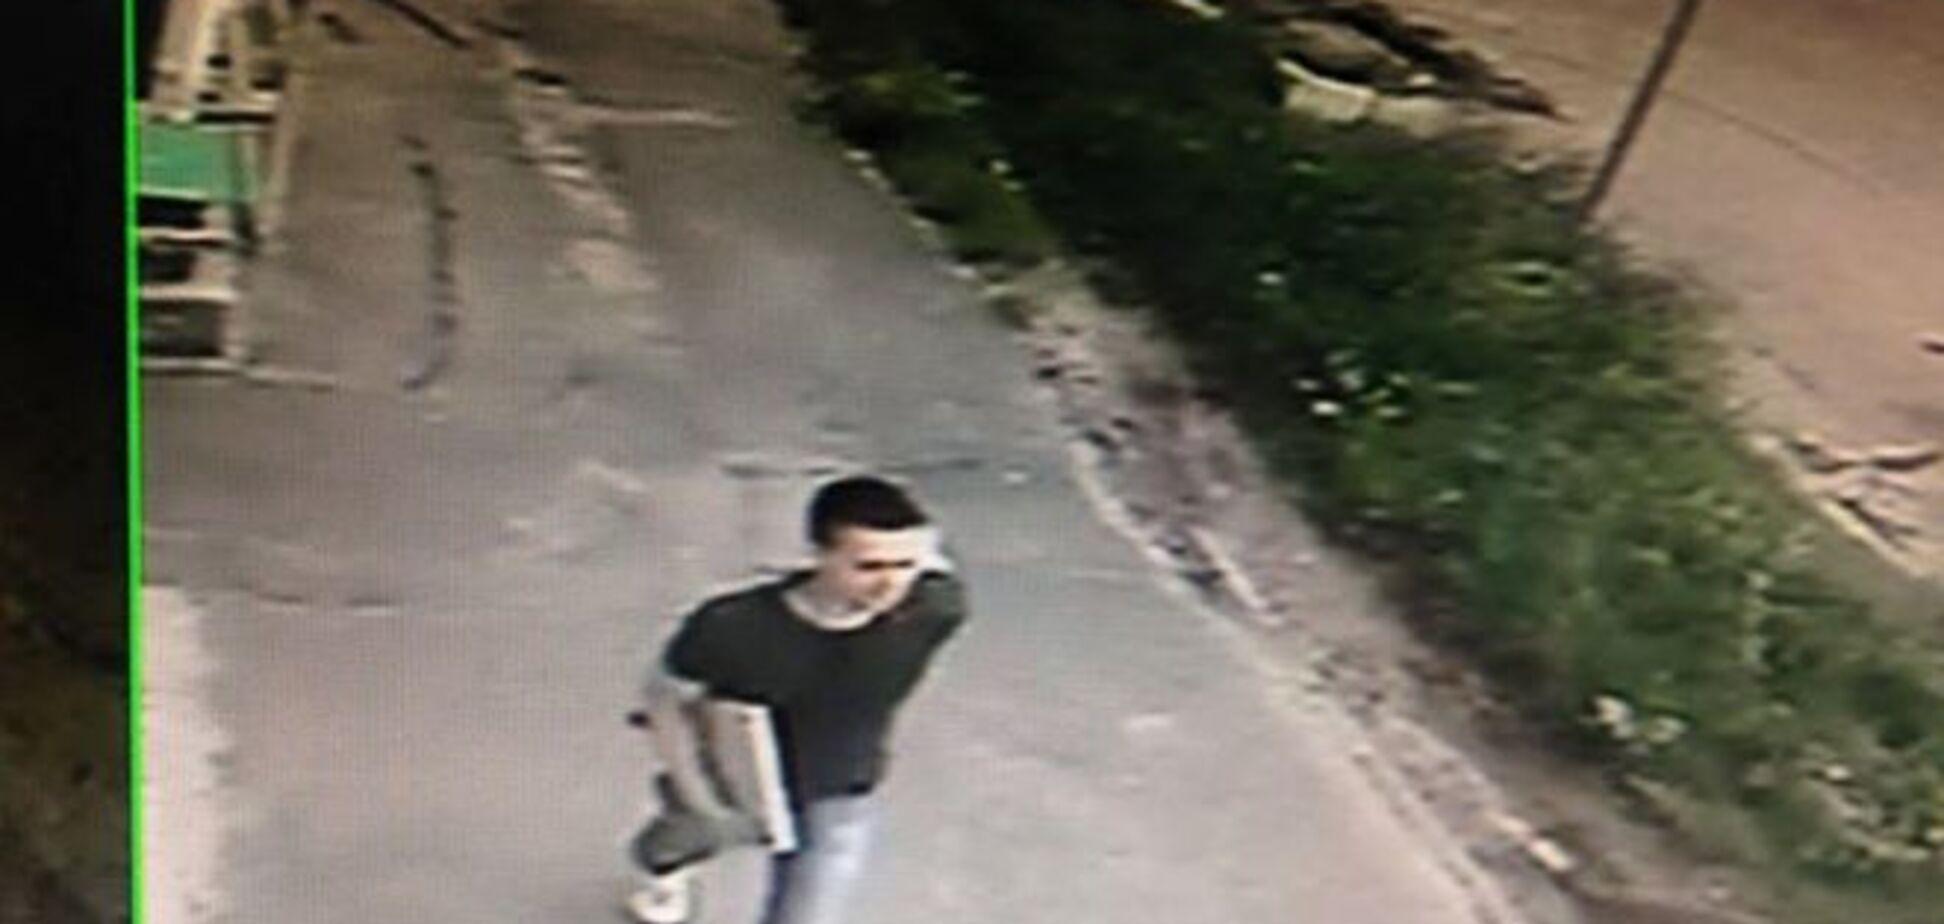 В Киеве вор украл из офиса ноутбук: его засекла камера видеонаблюдения